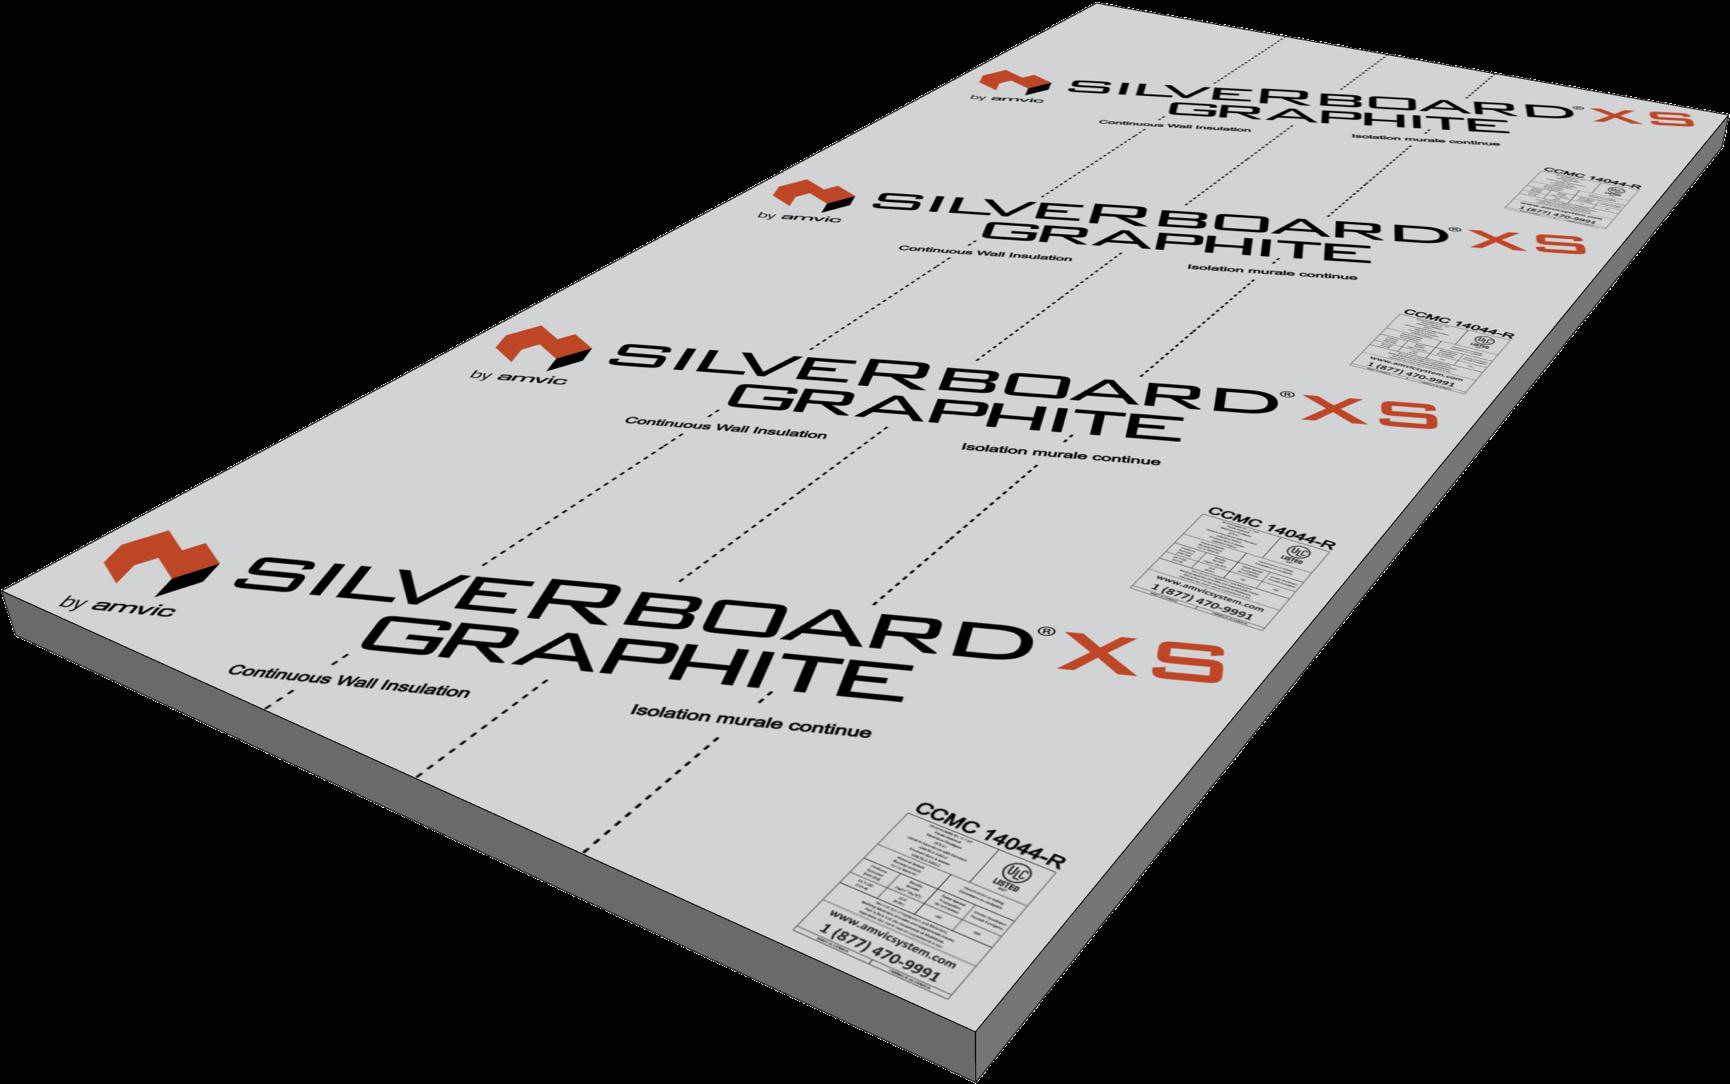 SilveRboard Graphite